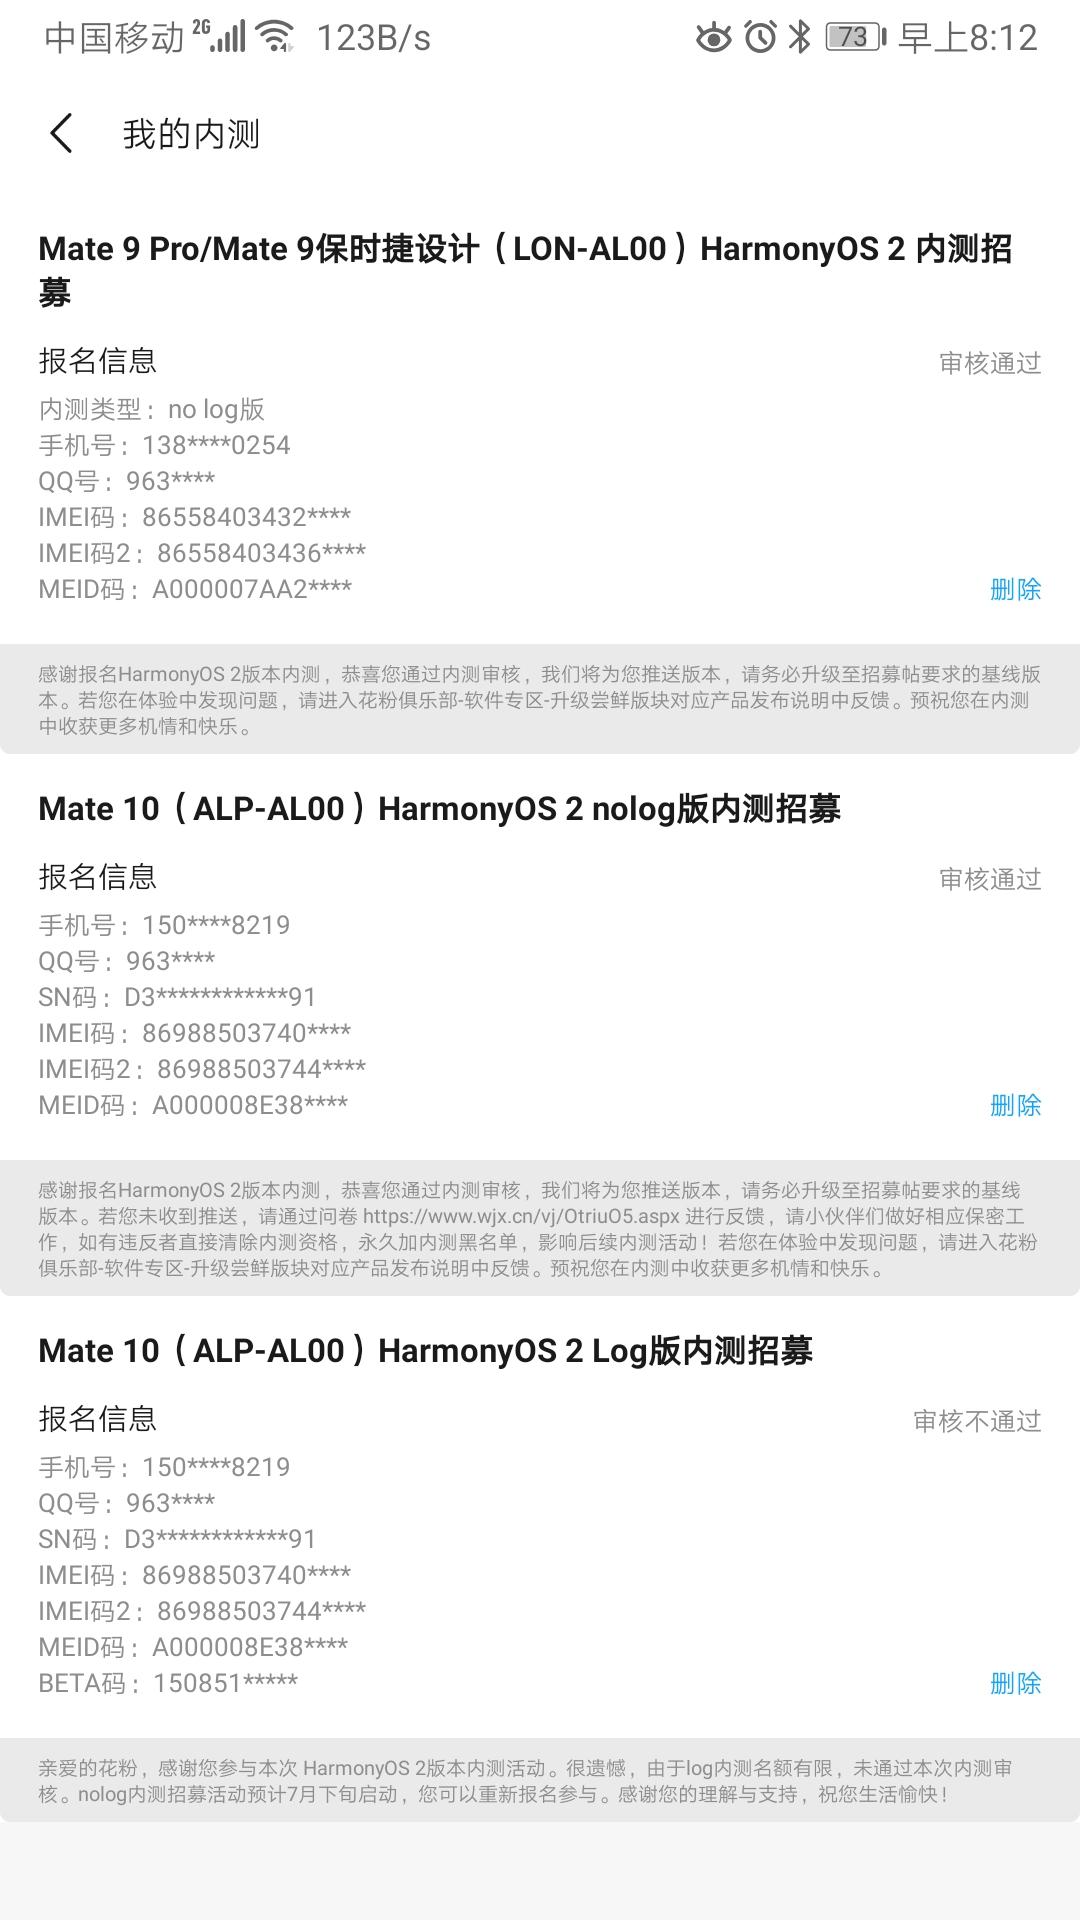 Screenshot_20211001_081228_com.huawei.fans.jpg